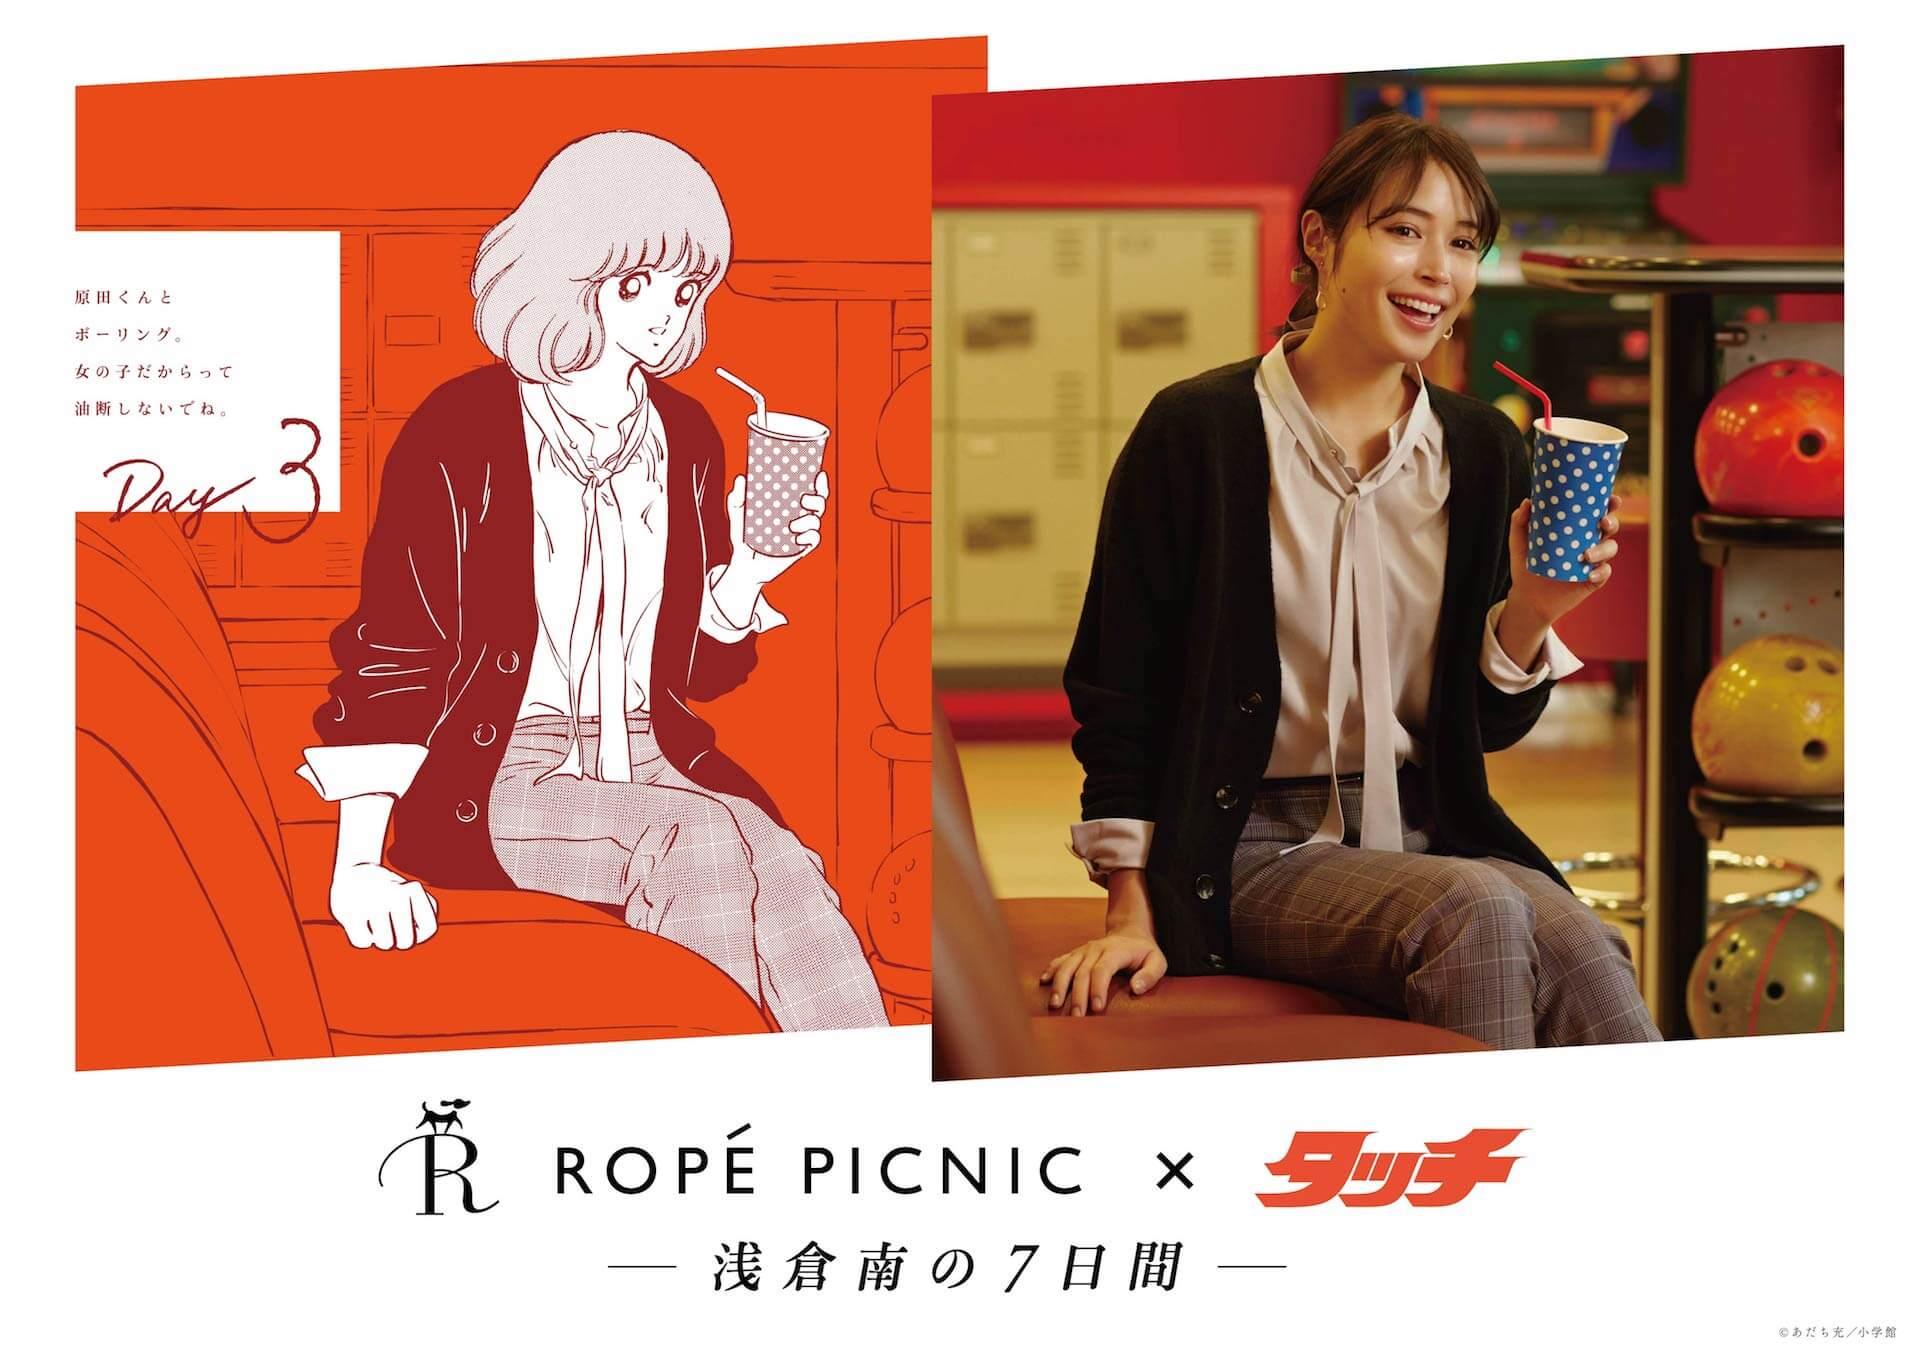 広瀬アリスが「タッチ」南ちゃんに!インタビューでは「かわいいにまっすぐ」なことについて語る life-fashion191125-ropepicnic-hirosealice-4